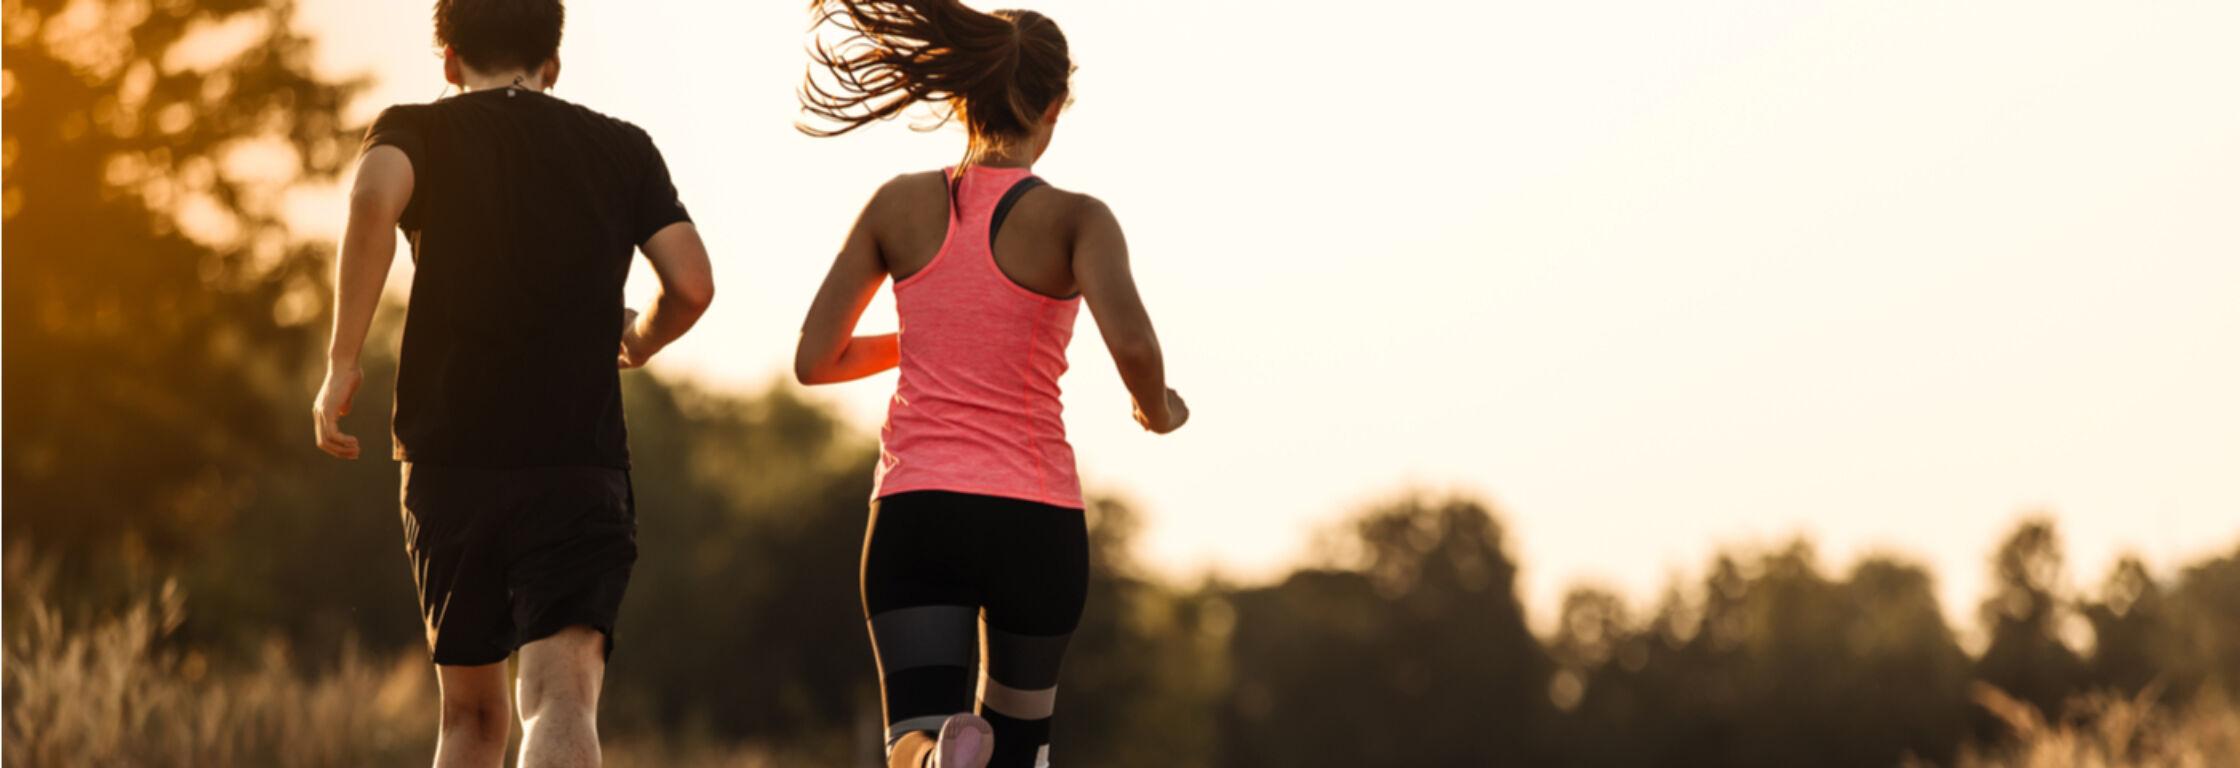 Samen hardlopen is leuk, ook bij grote niveauverschillen